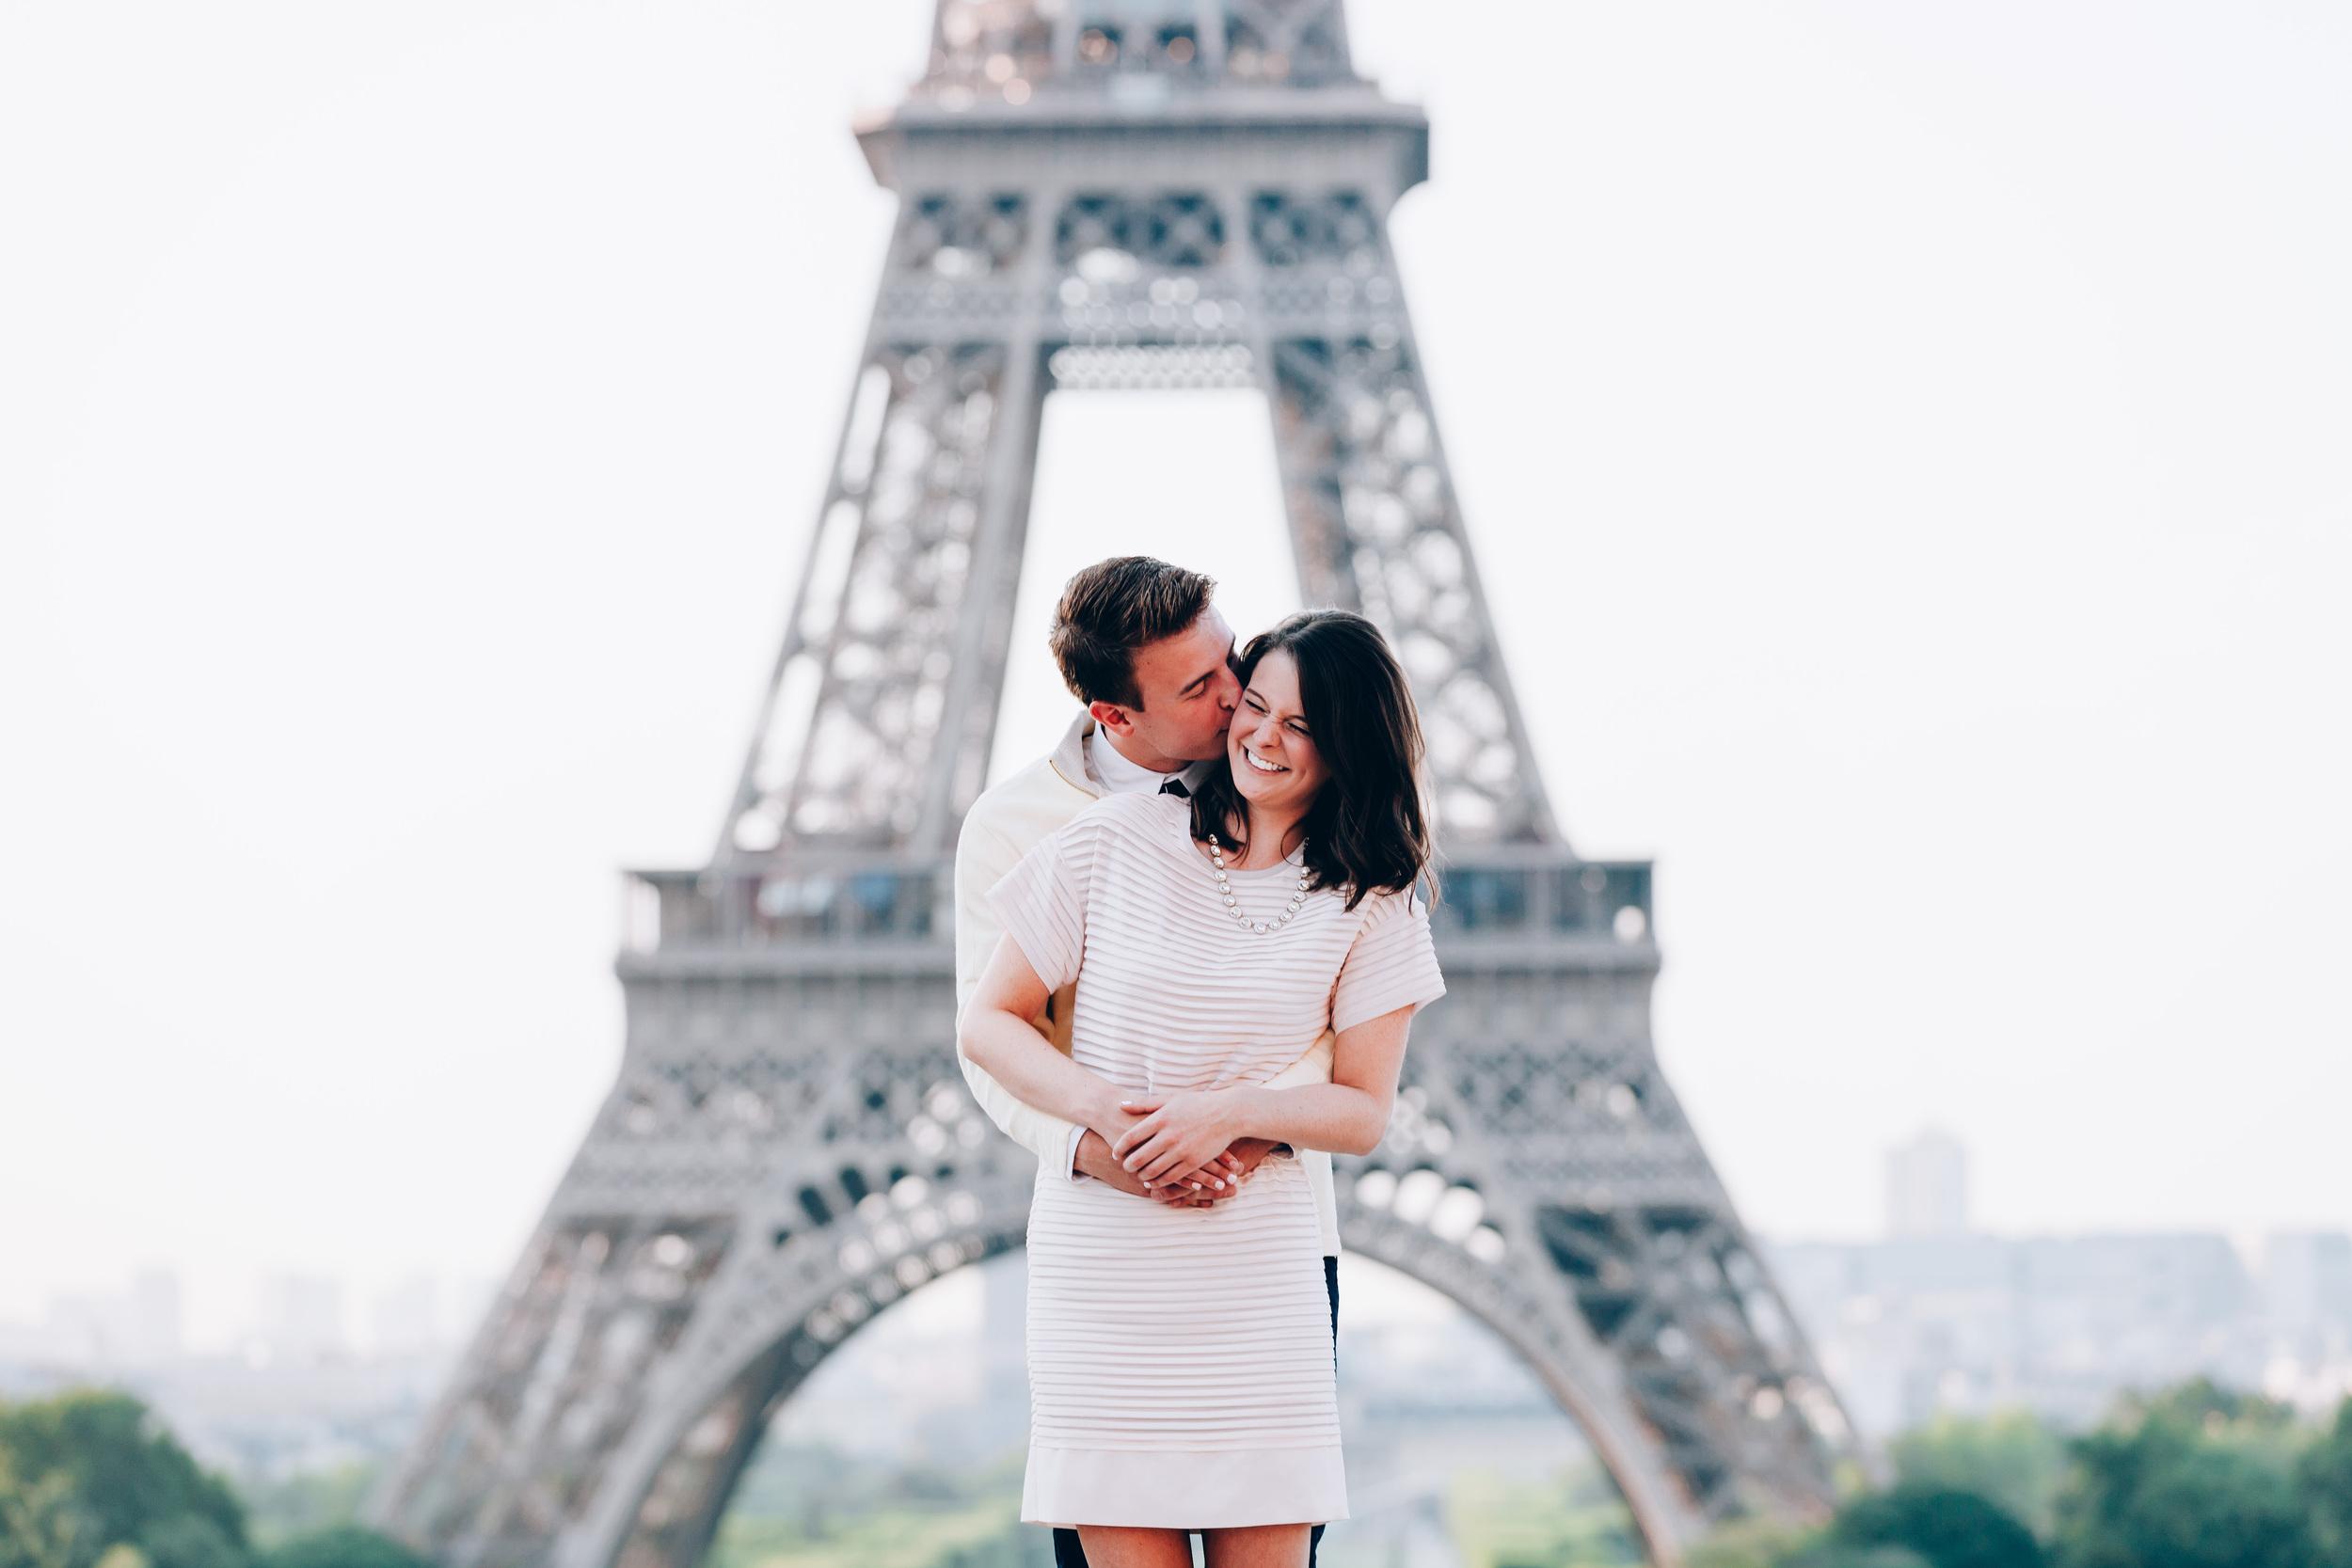 Photographer in Paris, Eiffel Tower, Surprise Proposal, Laugh, Kiss, Iheartparisfr